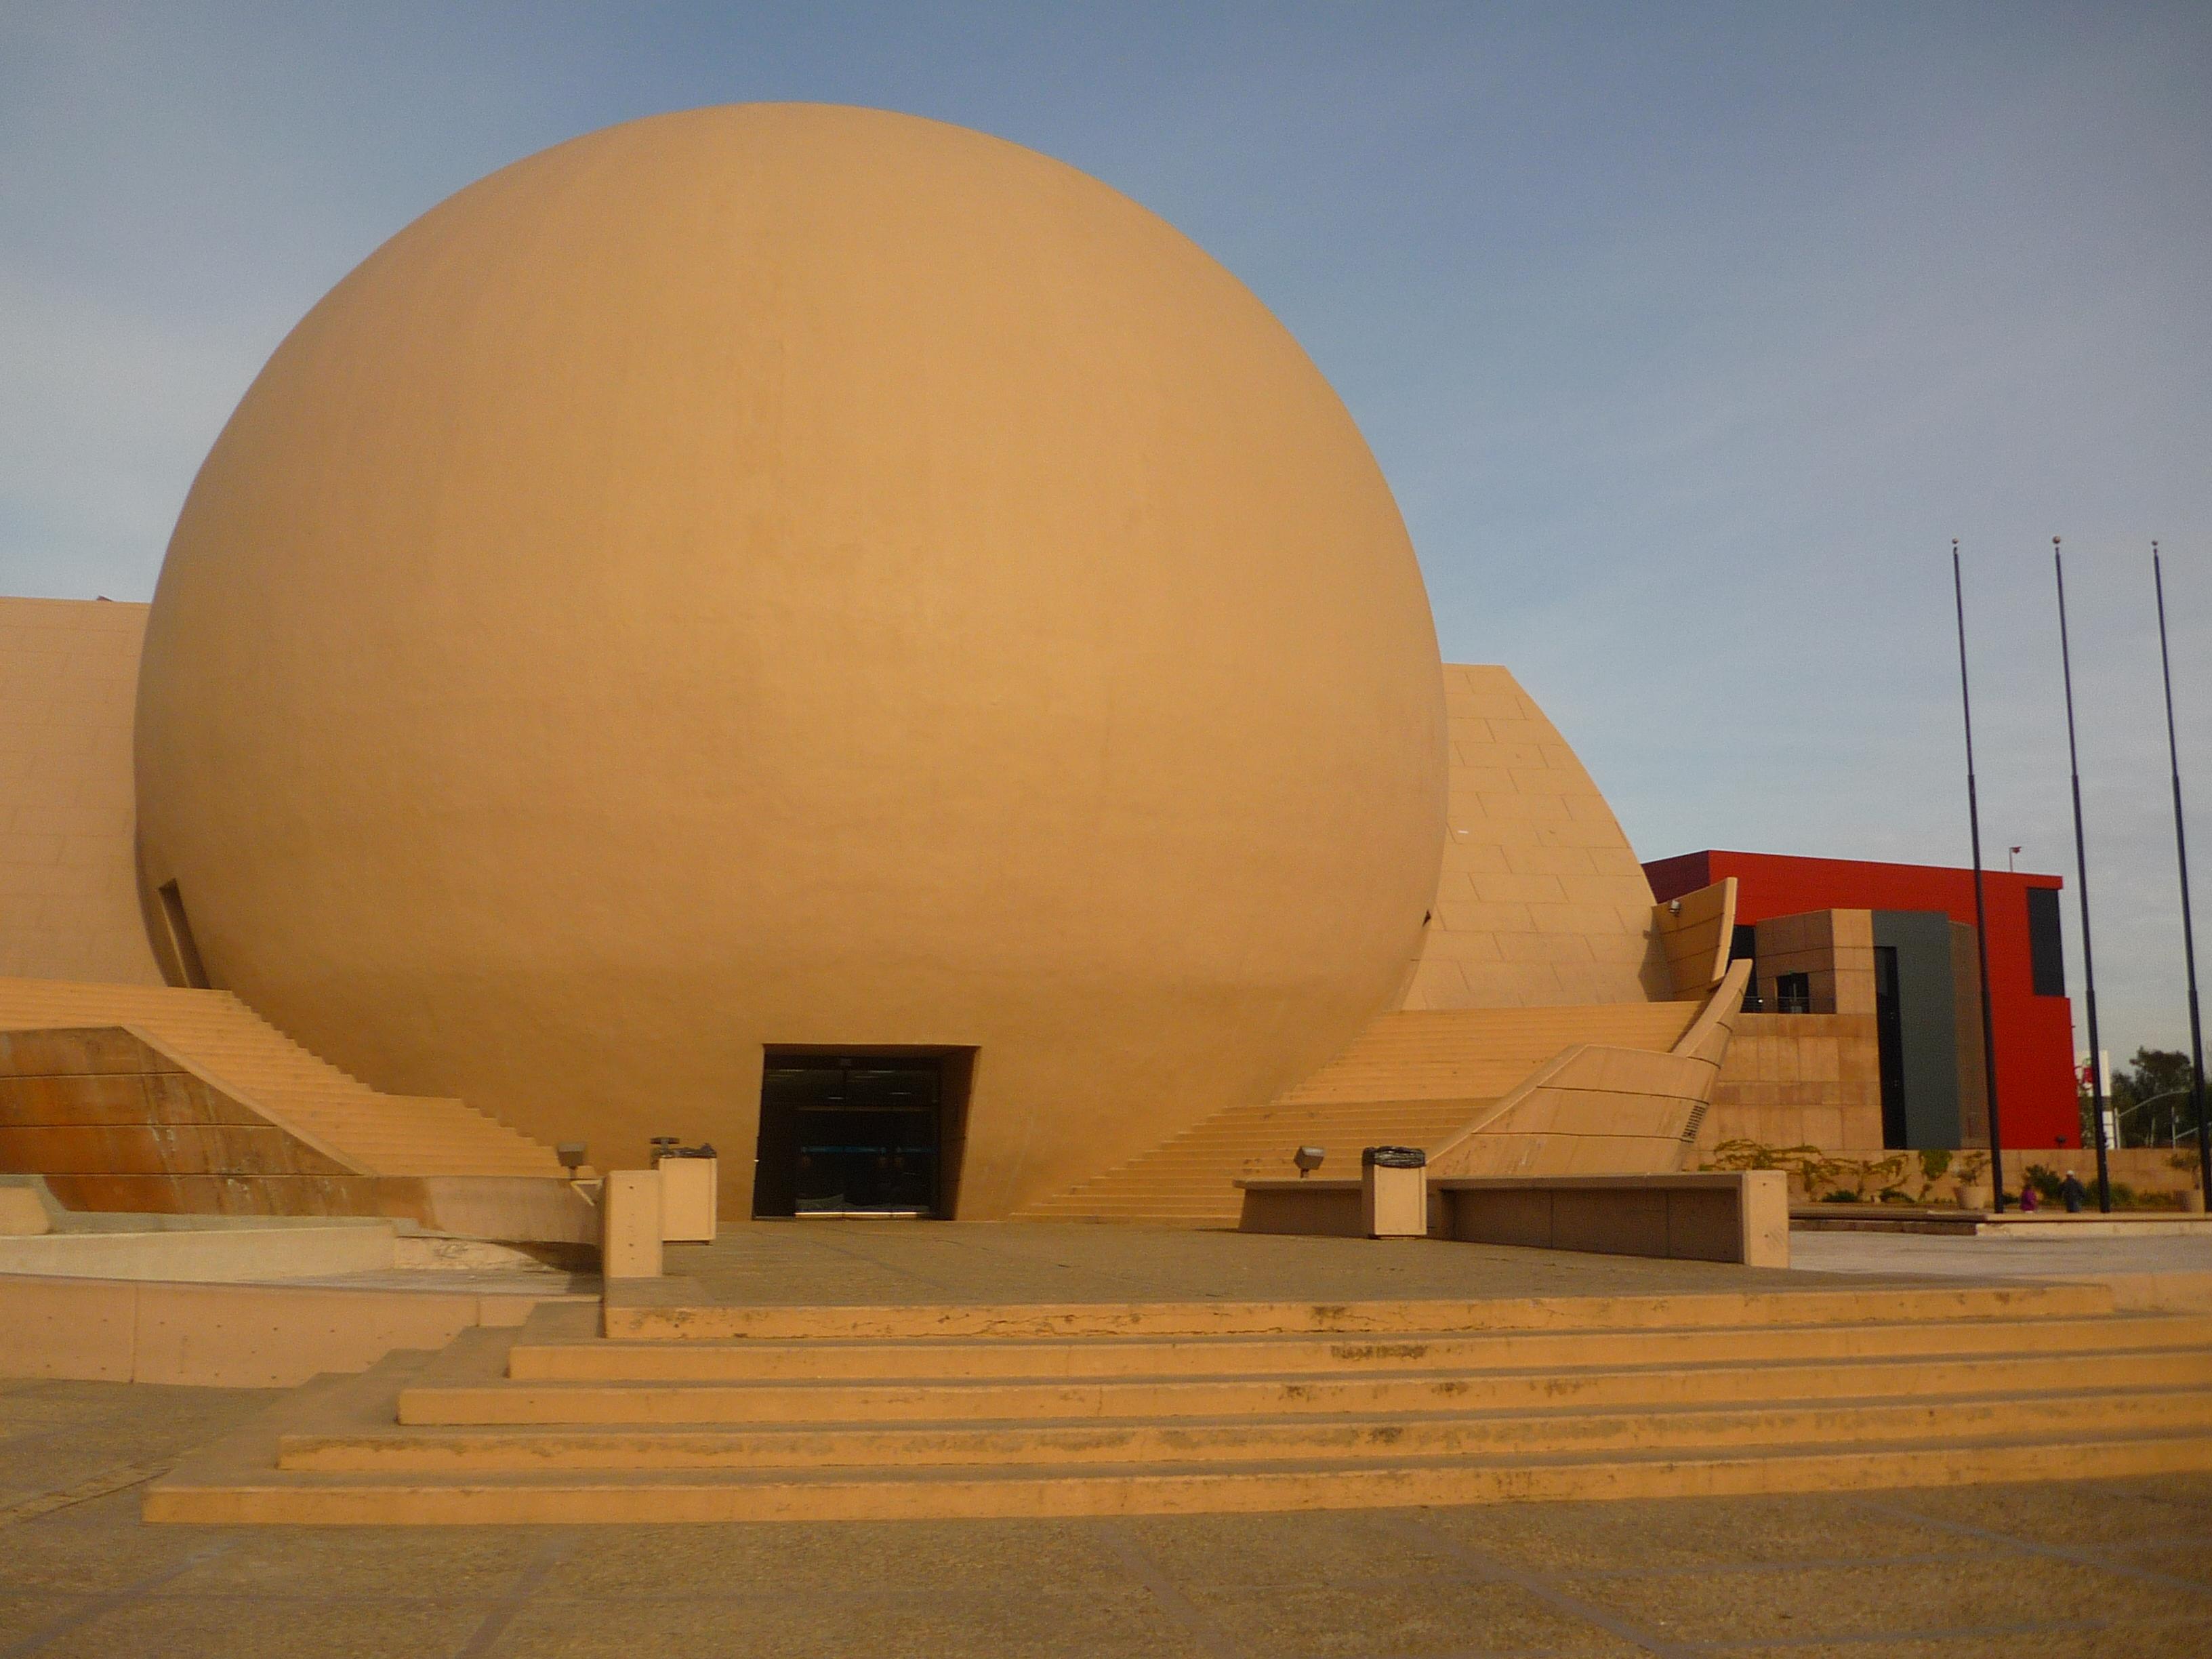 vista de la bola de tijuana desde afuera